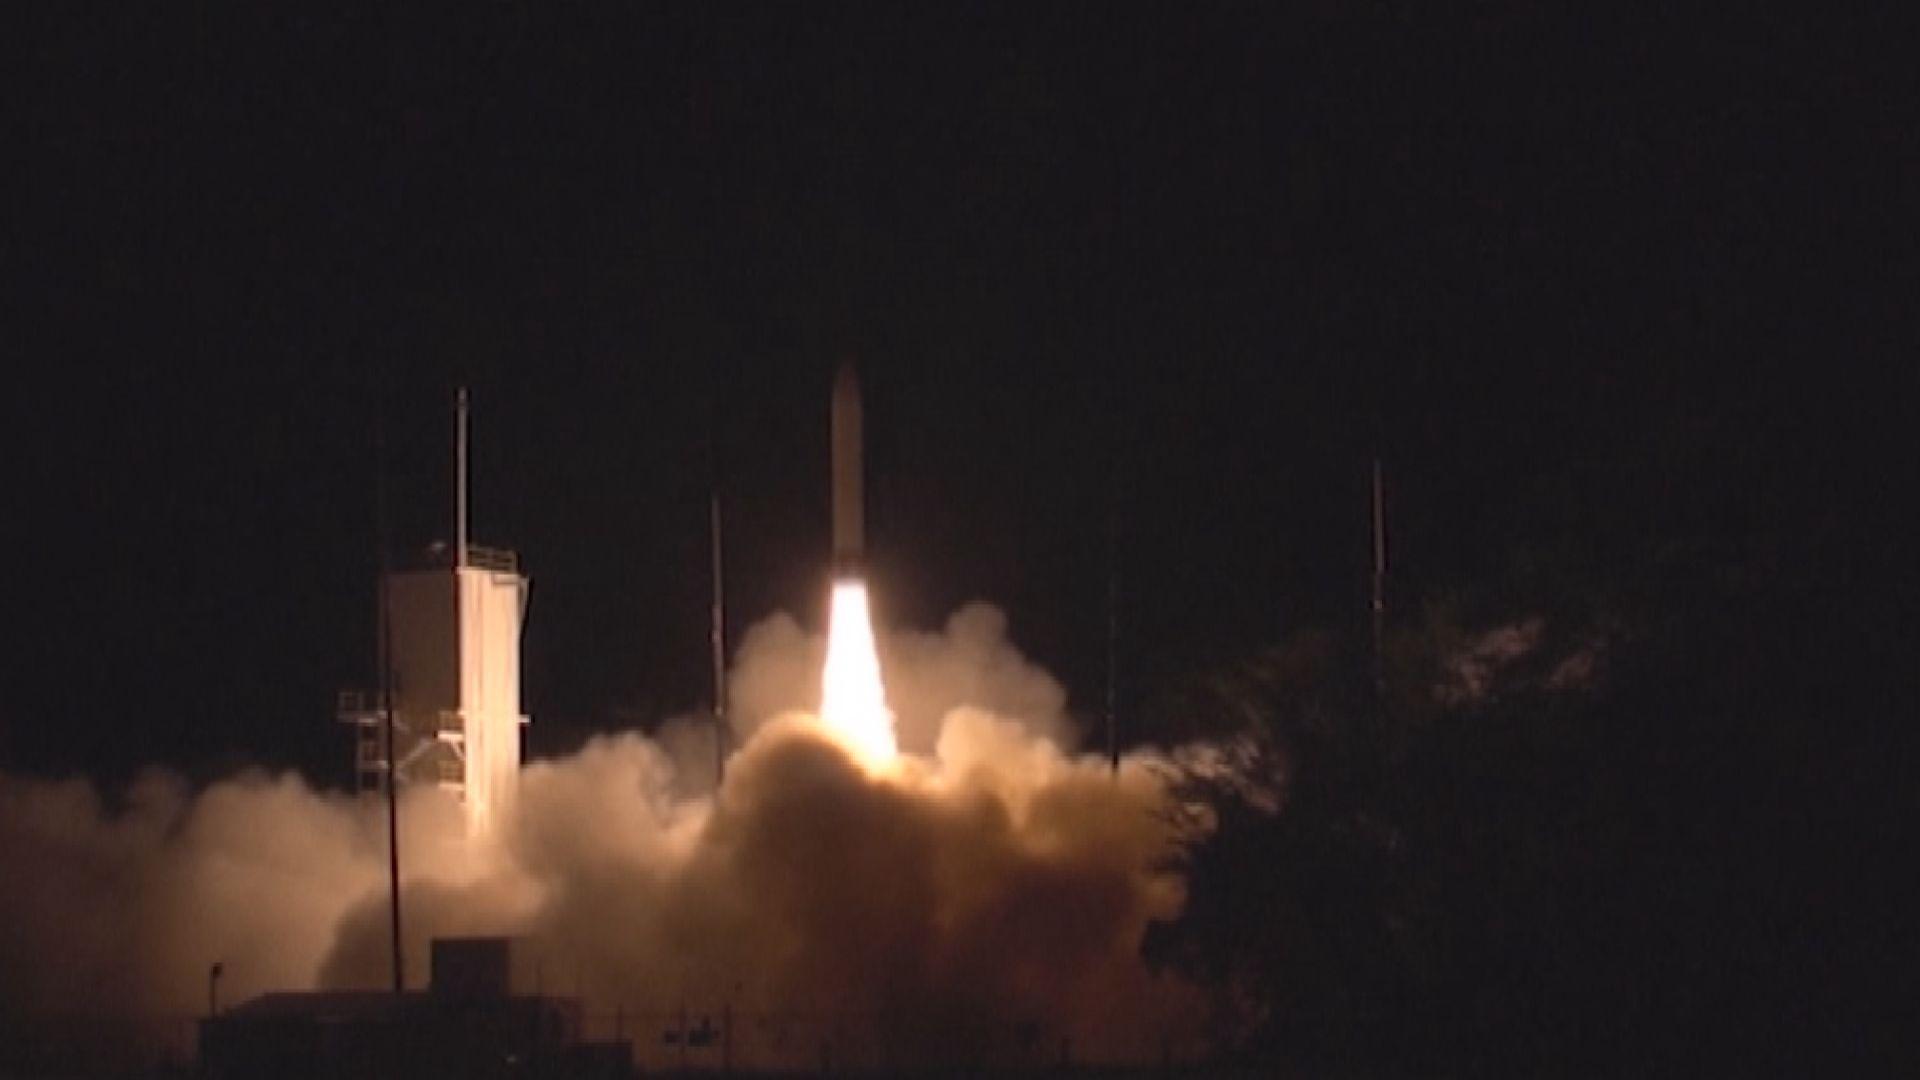 推進火箭故障 美軍測試高超音速武器計劃遇挫